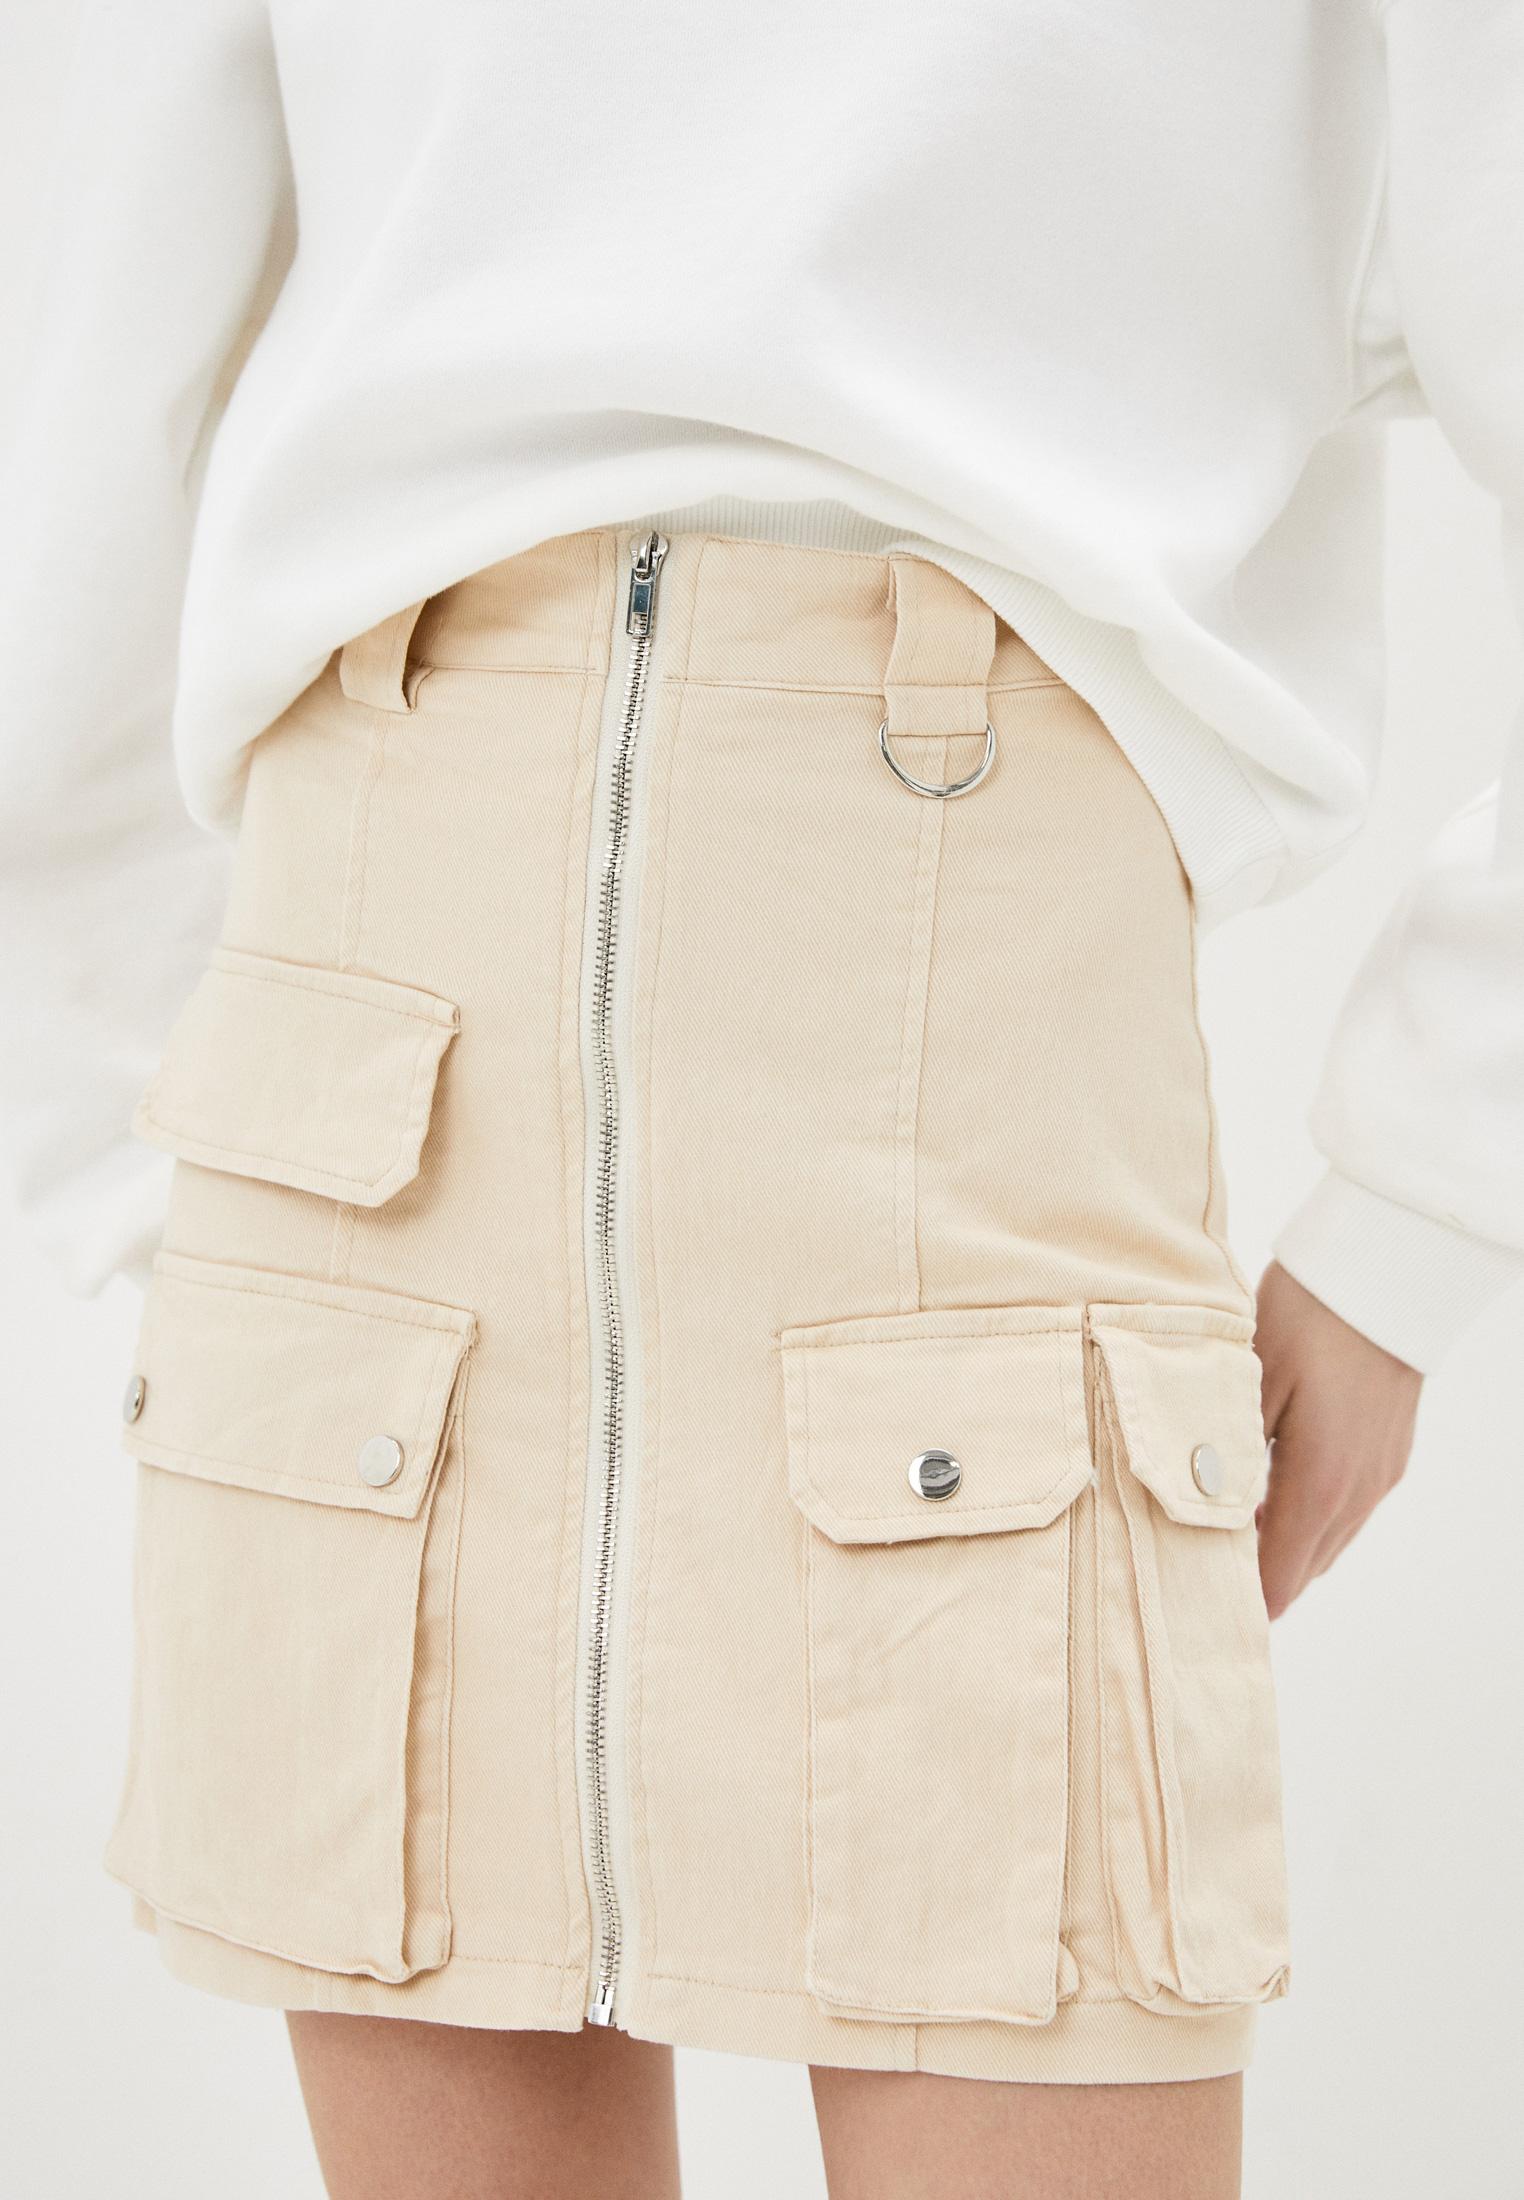 Джинсовая юбка Nerouge N453-23